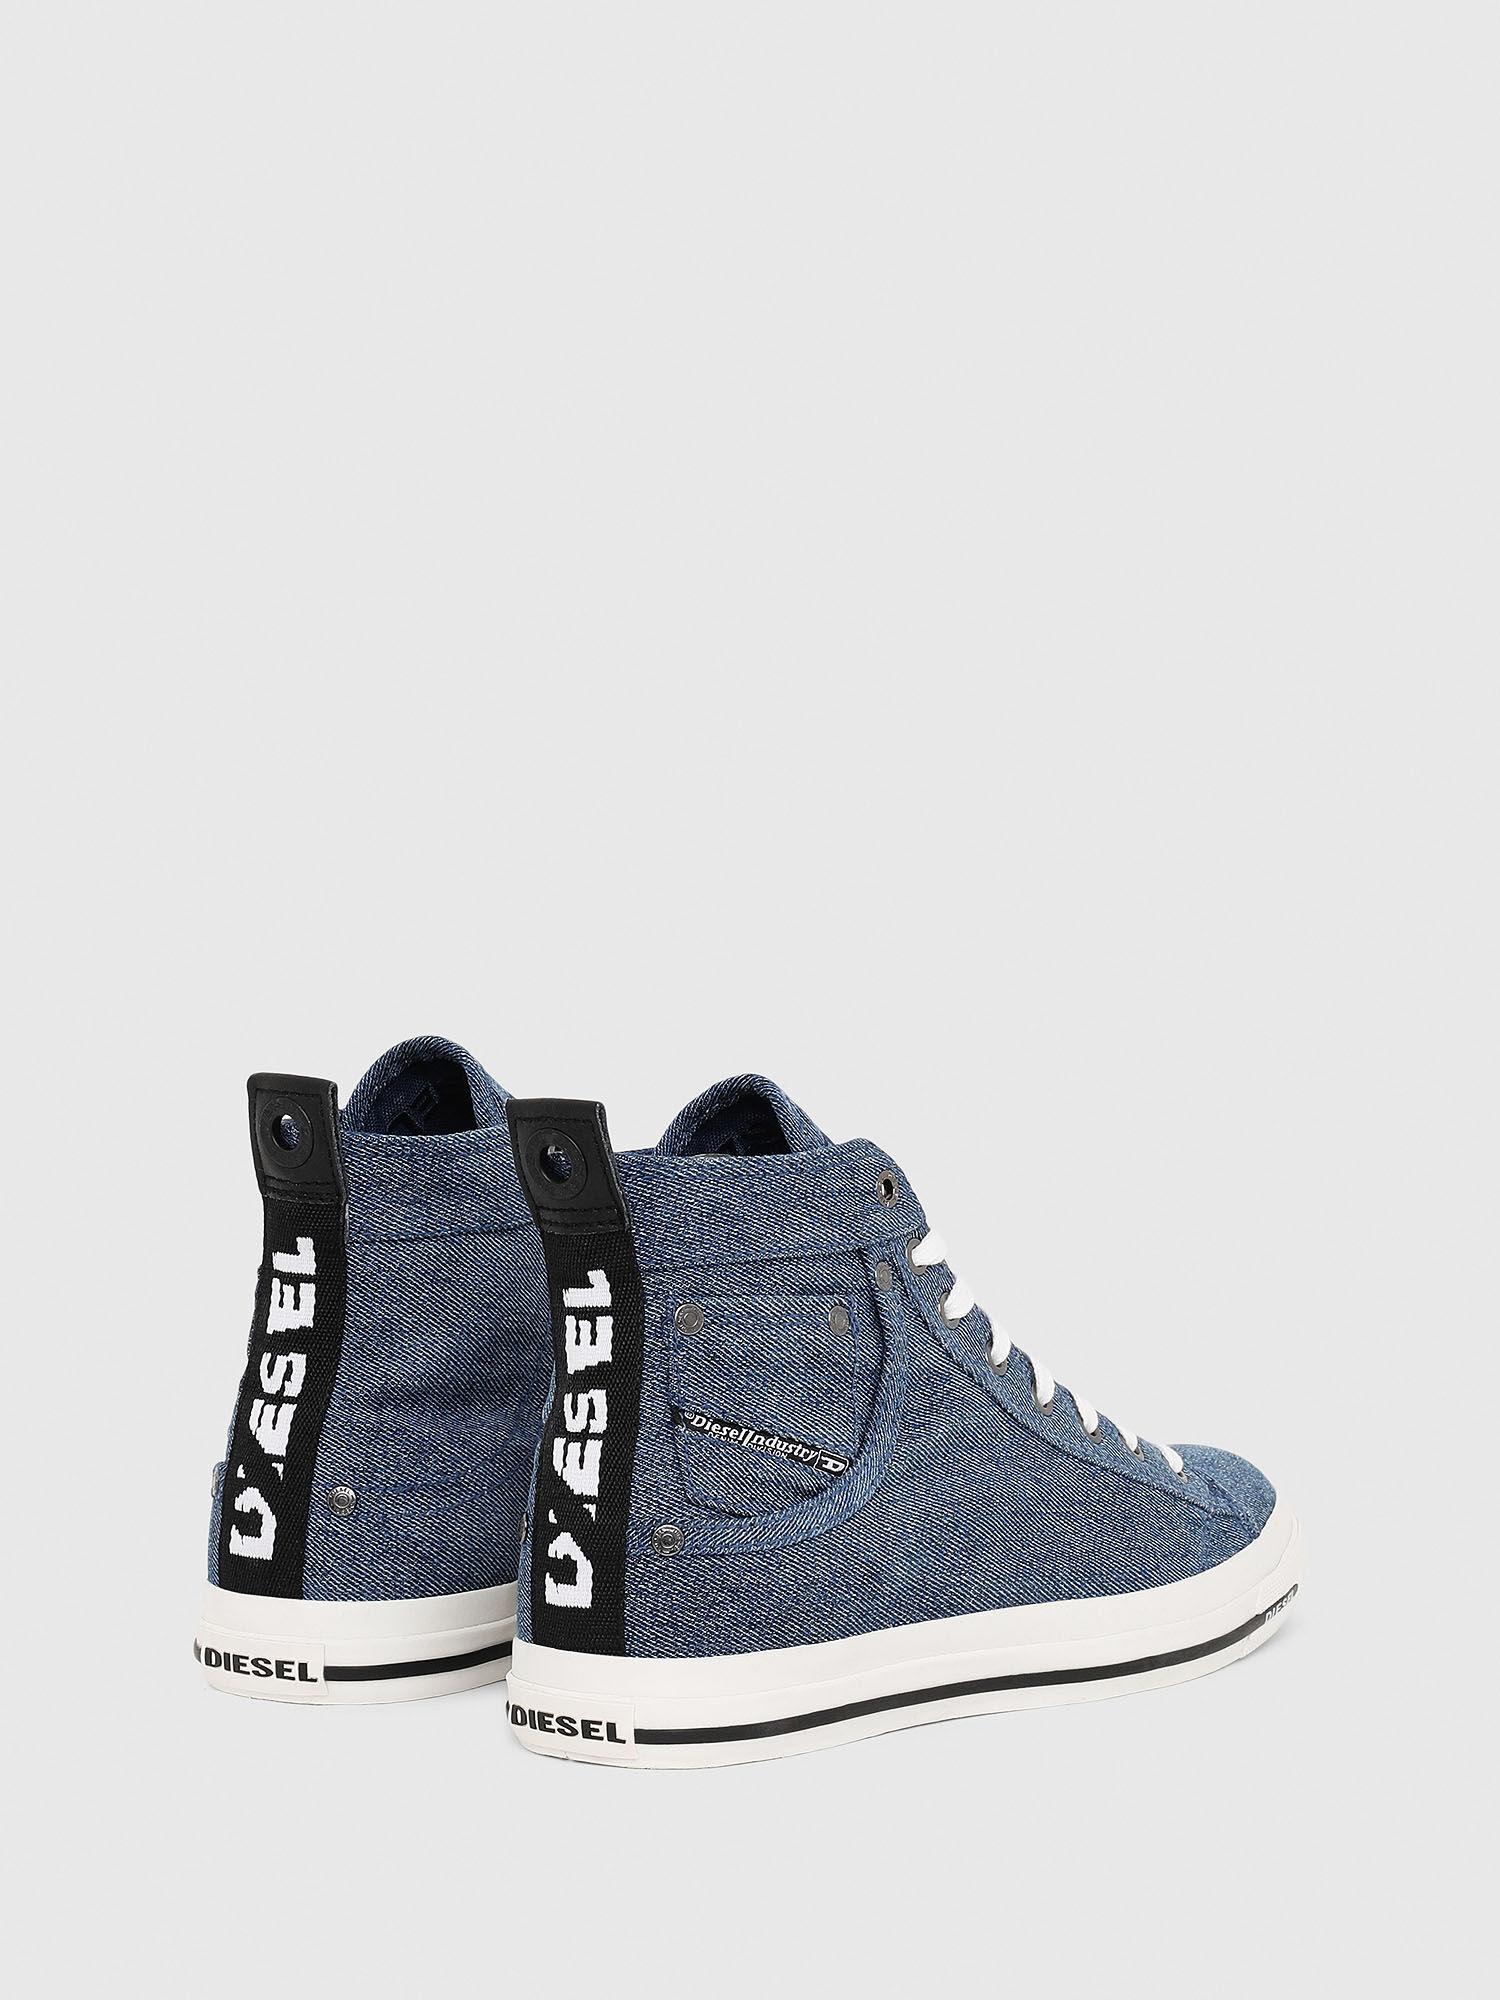 sneakers in treated denim | Diesel